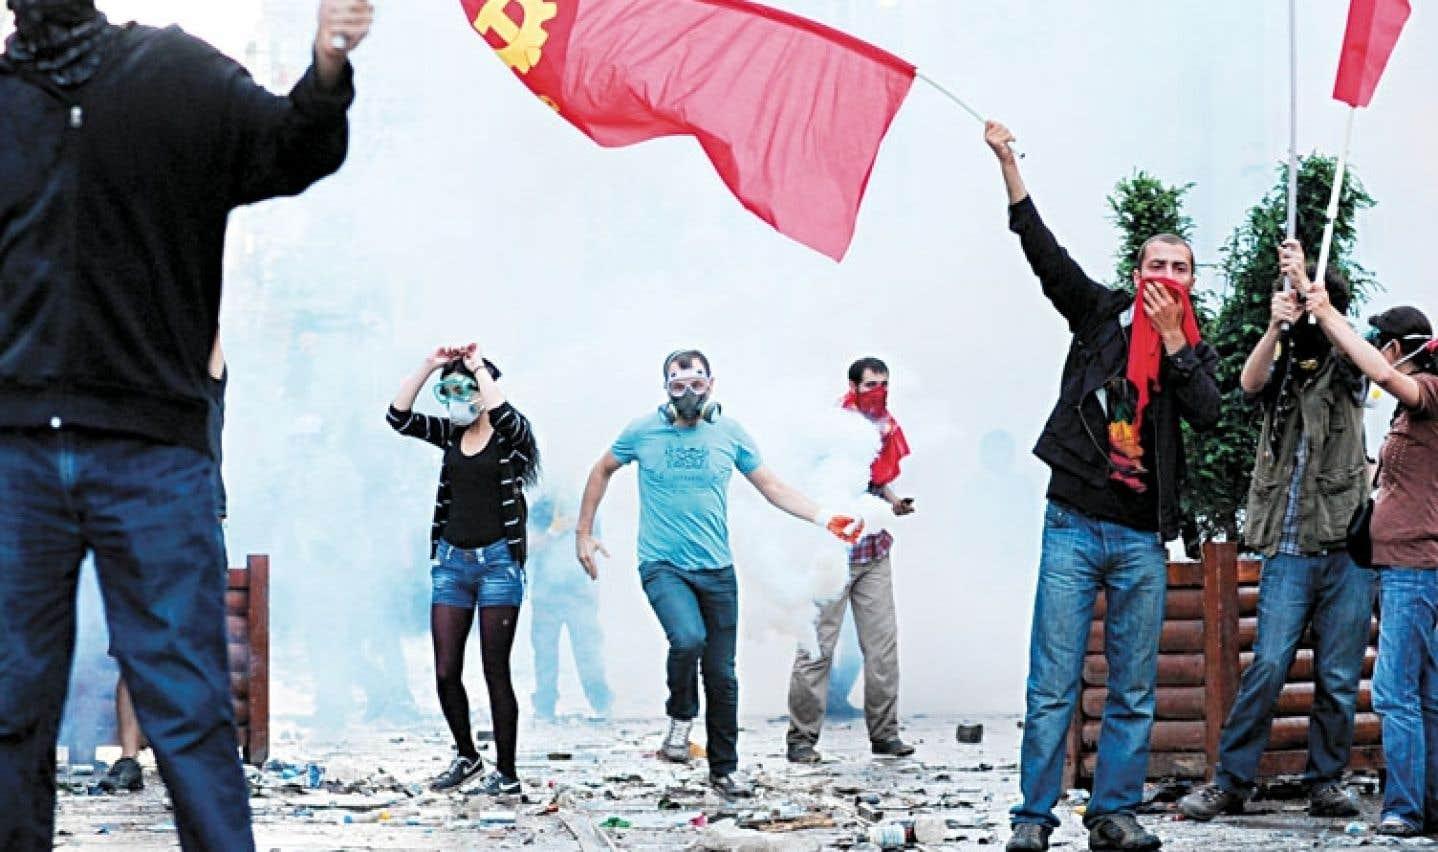 La sauvegarde d'un parc devient un enjeu politique à Istanbul